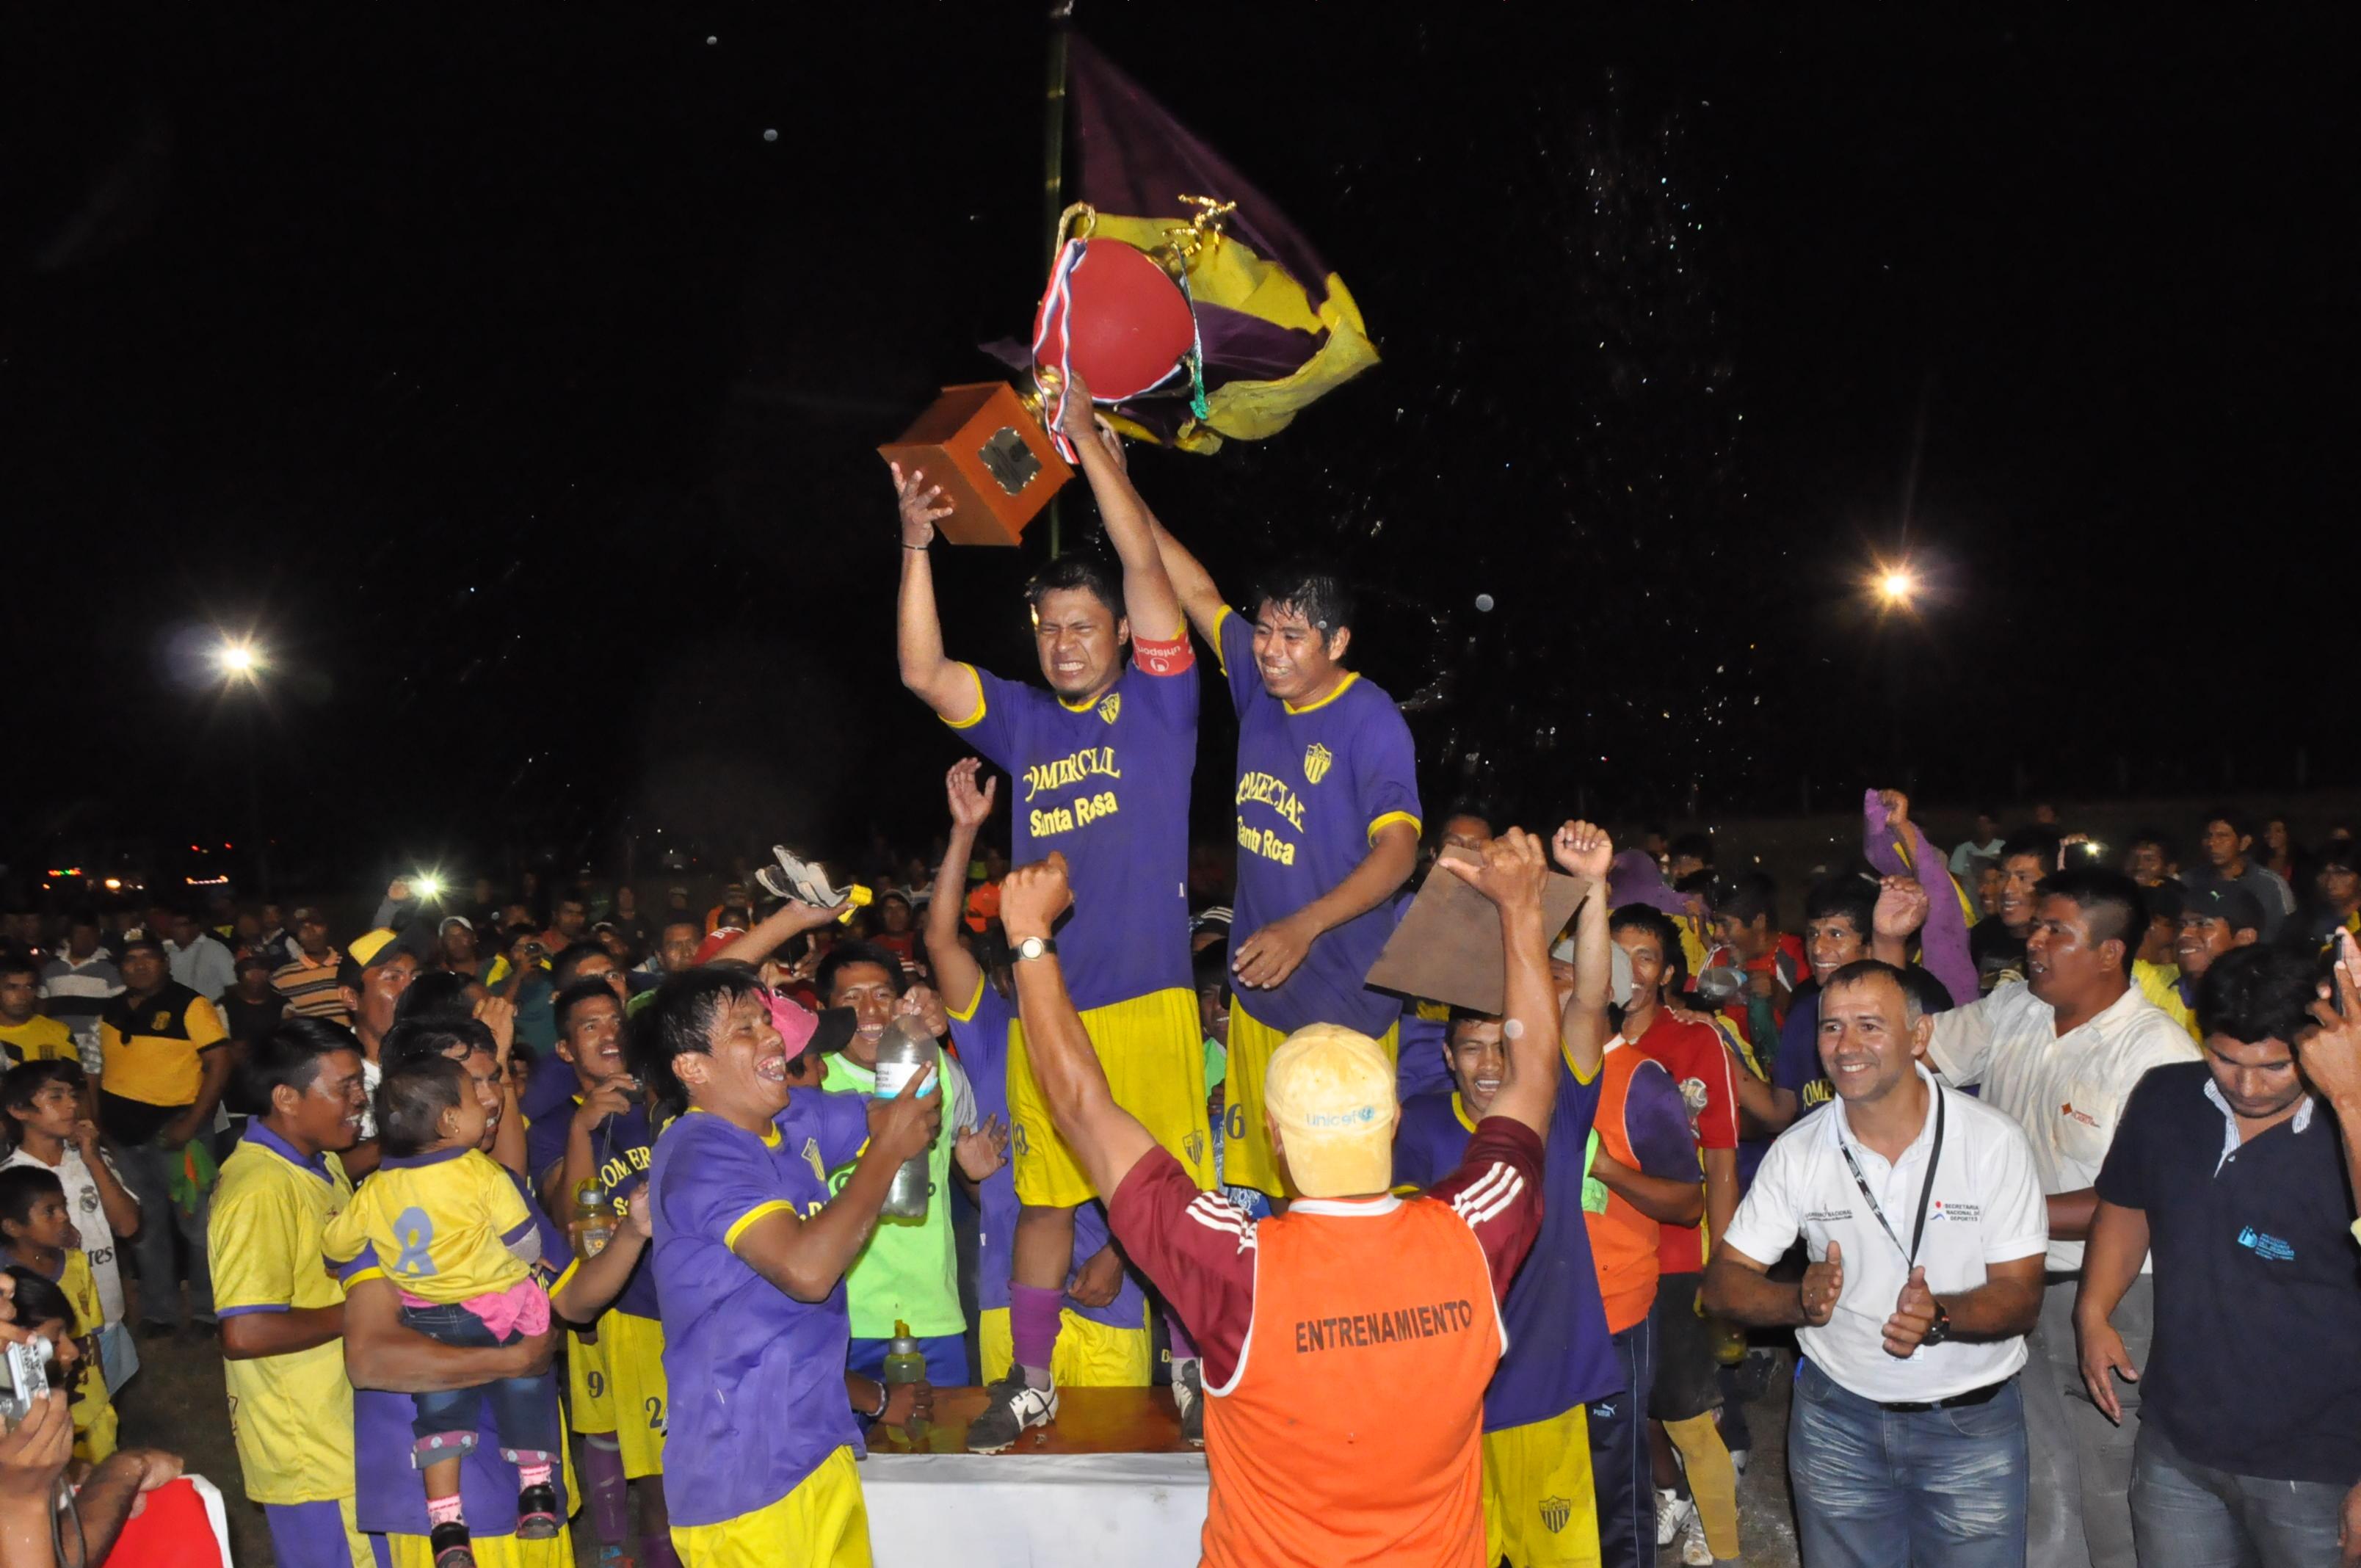 El club 1 de mayo, campeón del campeonato de pueblos originarios.